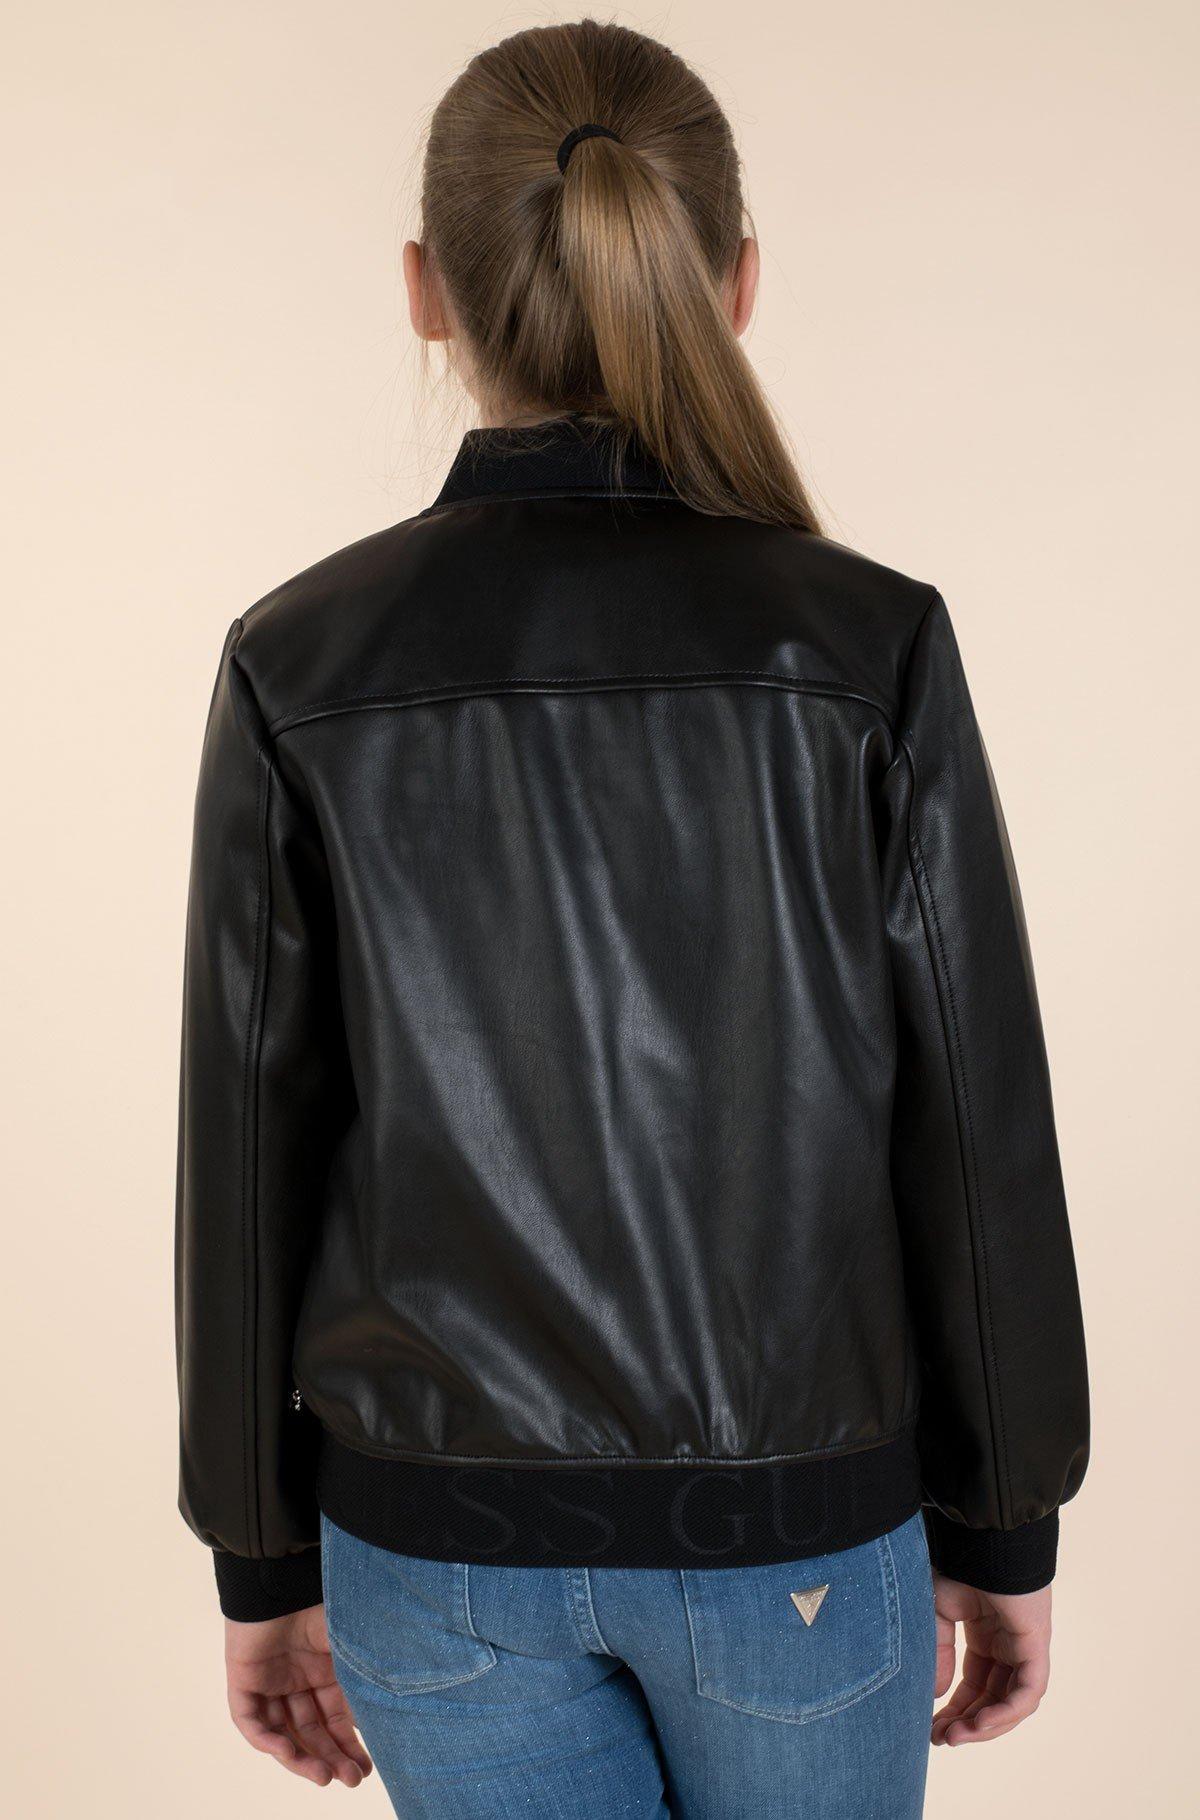 Children's leather jacket J1RL00 WBG60-full-3